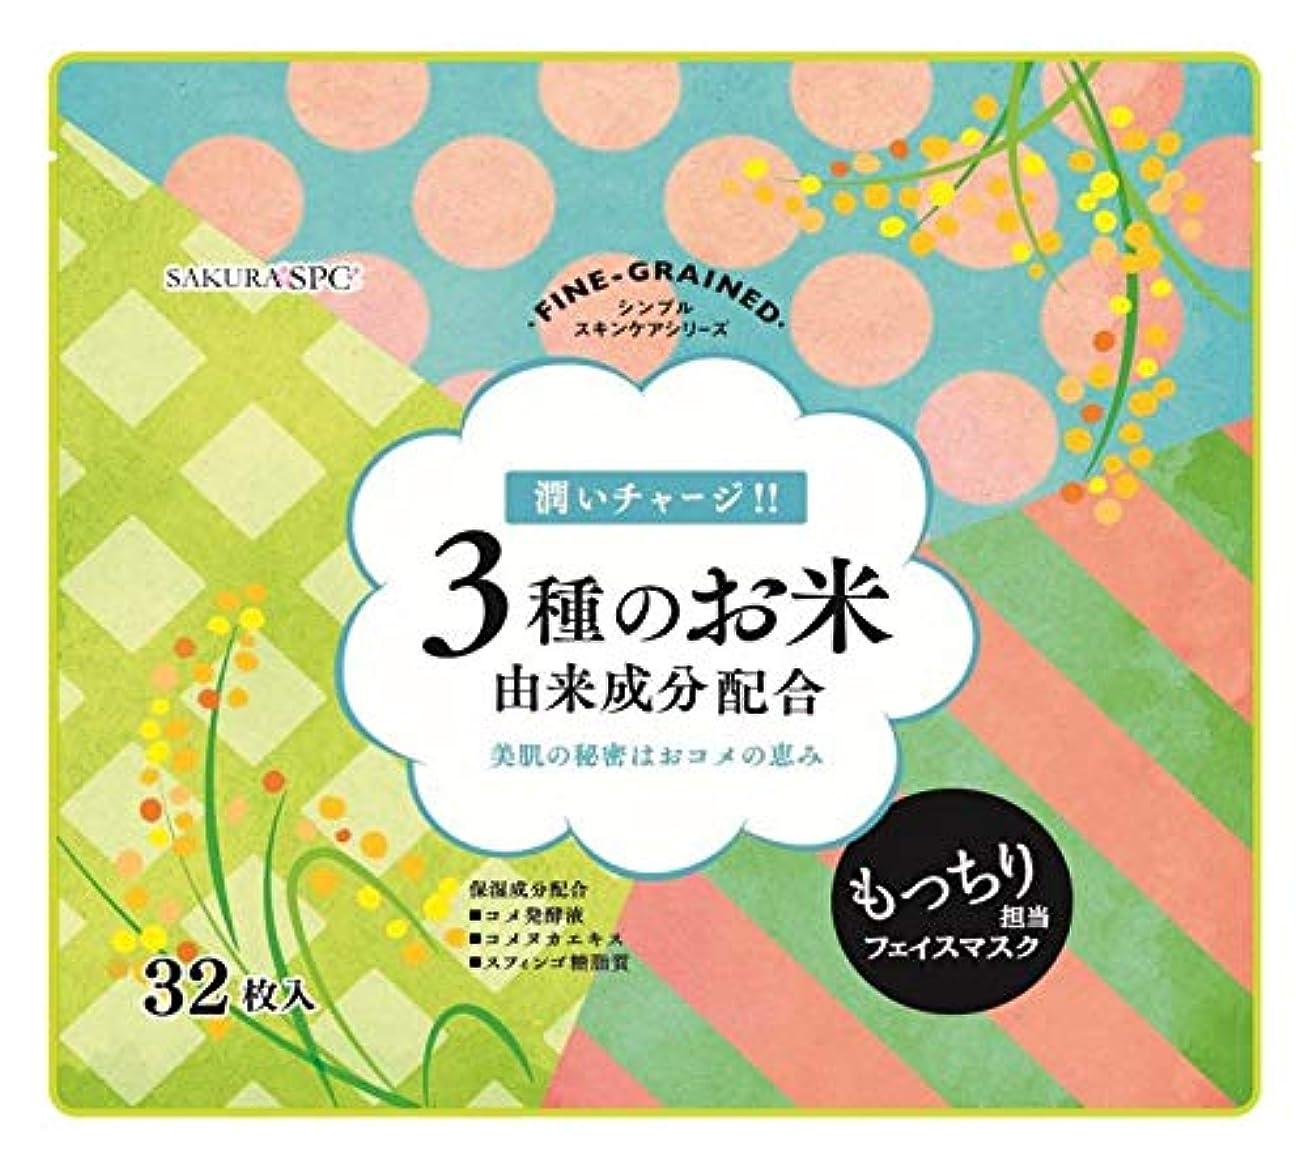 卑しい医師タフ3種のお米 由来成分配合 フェイス マスク 32枚入り (FINE GRAINED) シンプルスキンケアシリーズ